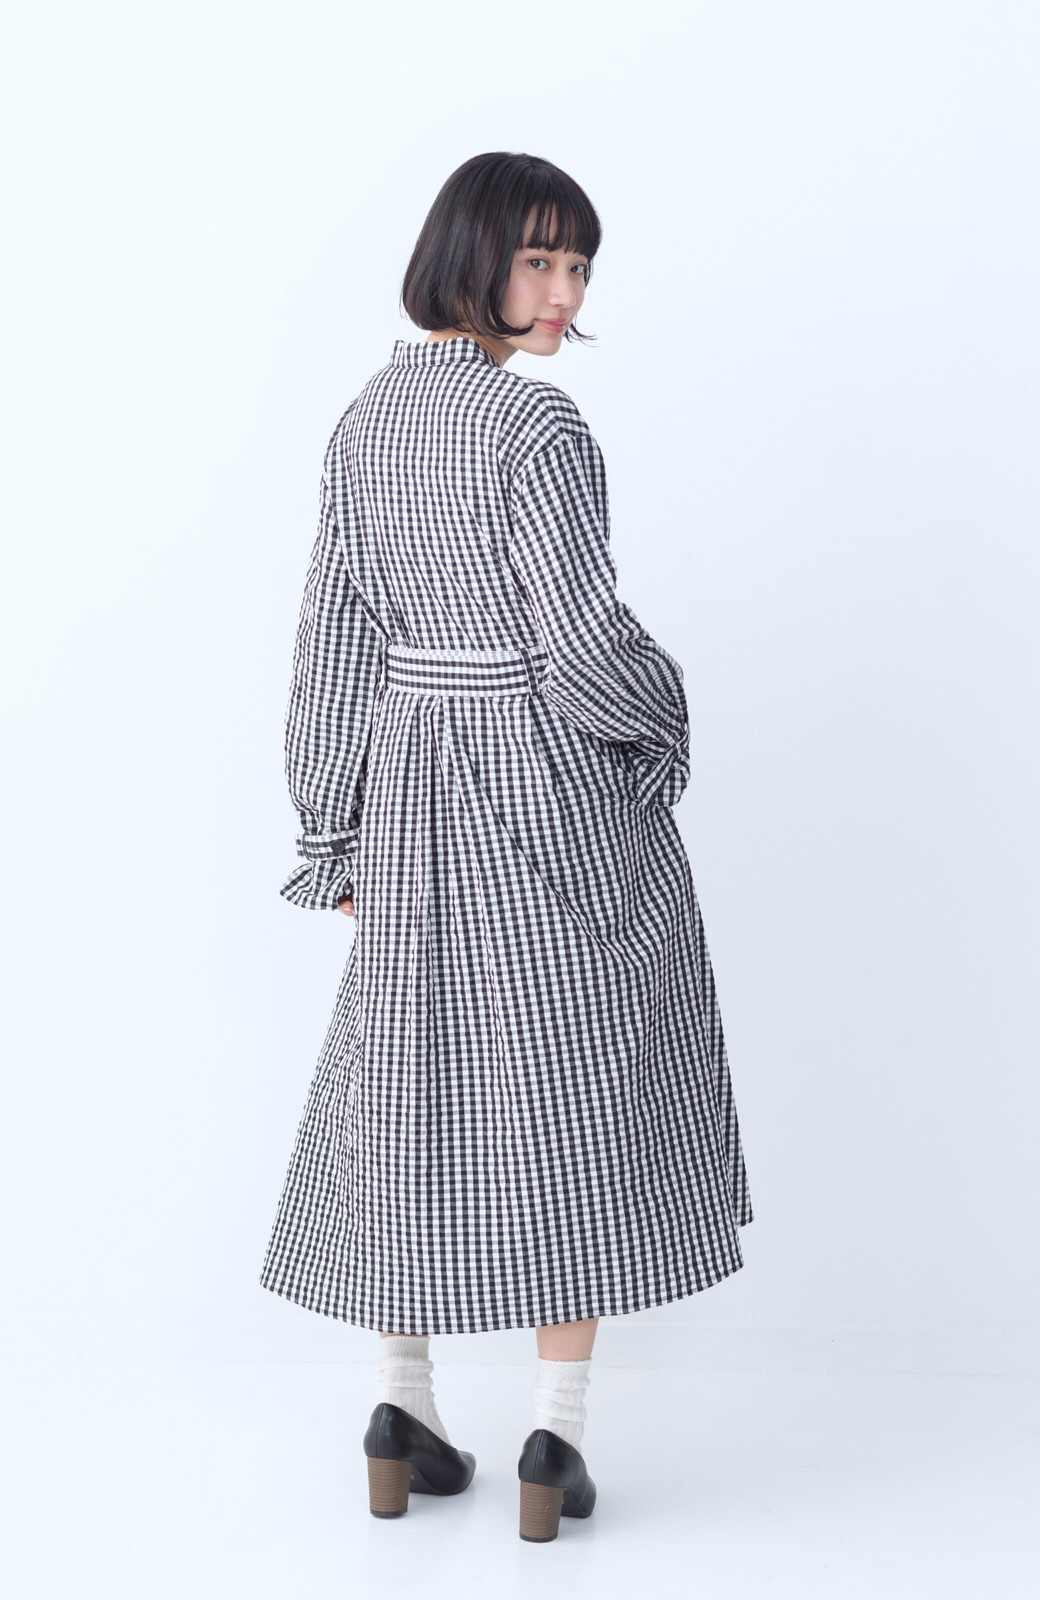 haco! いつものコーデに華やぎを添える ワンピースとしても着られるギンガムライトアウター <ブラック>の商品写真10